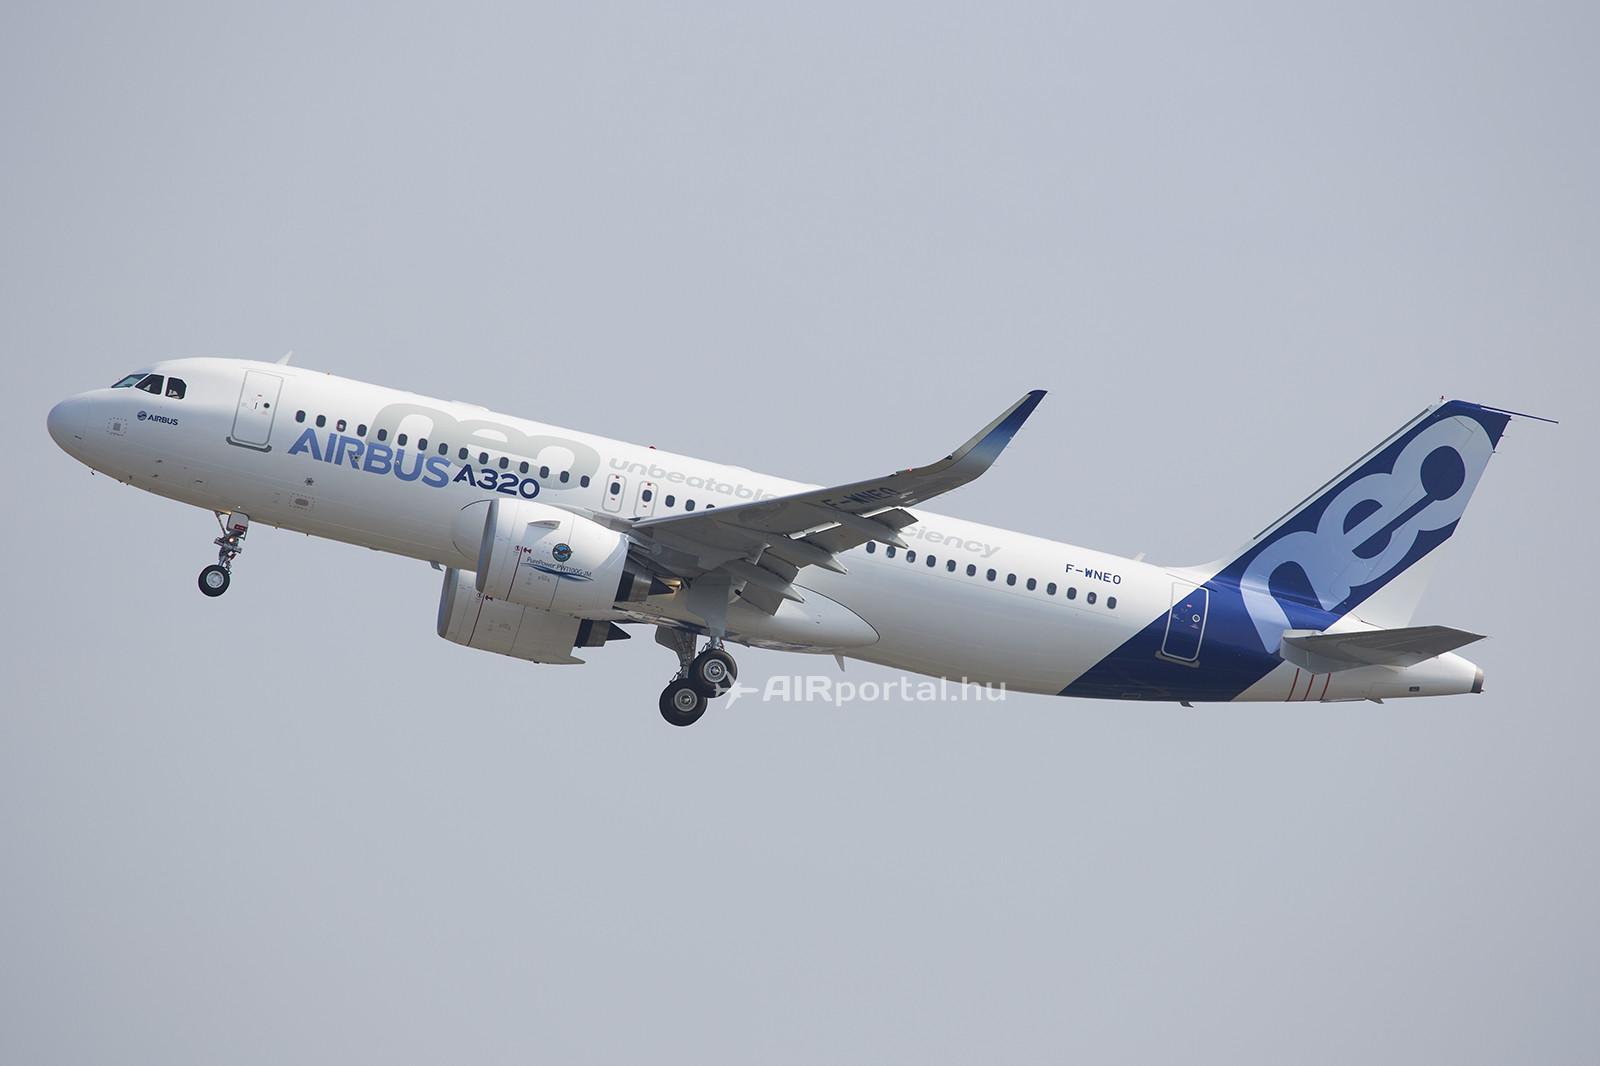 Az F-WNEO lajstromú A320neo prototípus felszállás közben. (Fotó: AIRportal.hu) | © AIRportal.hu